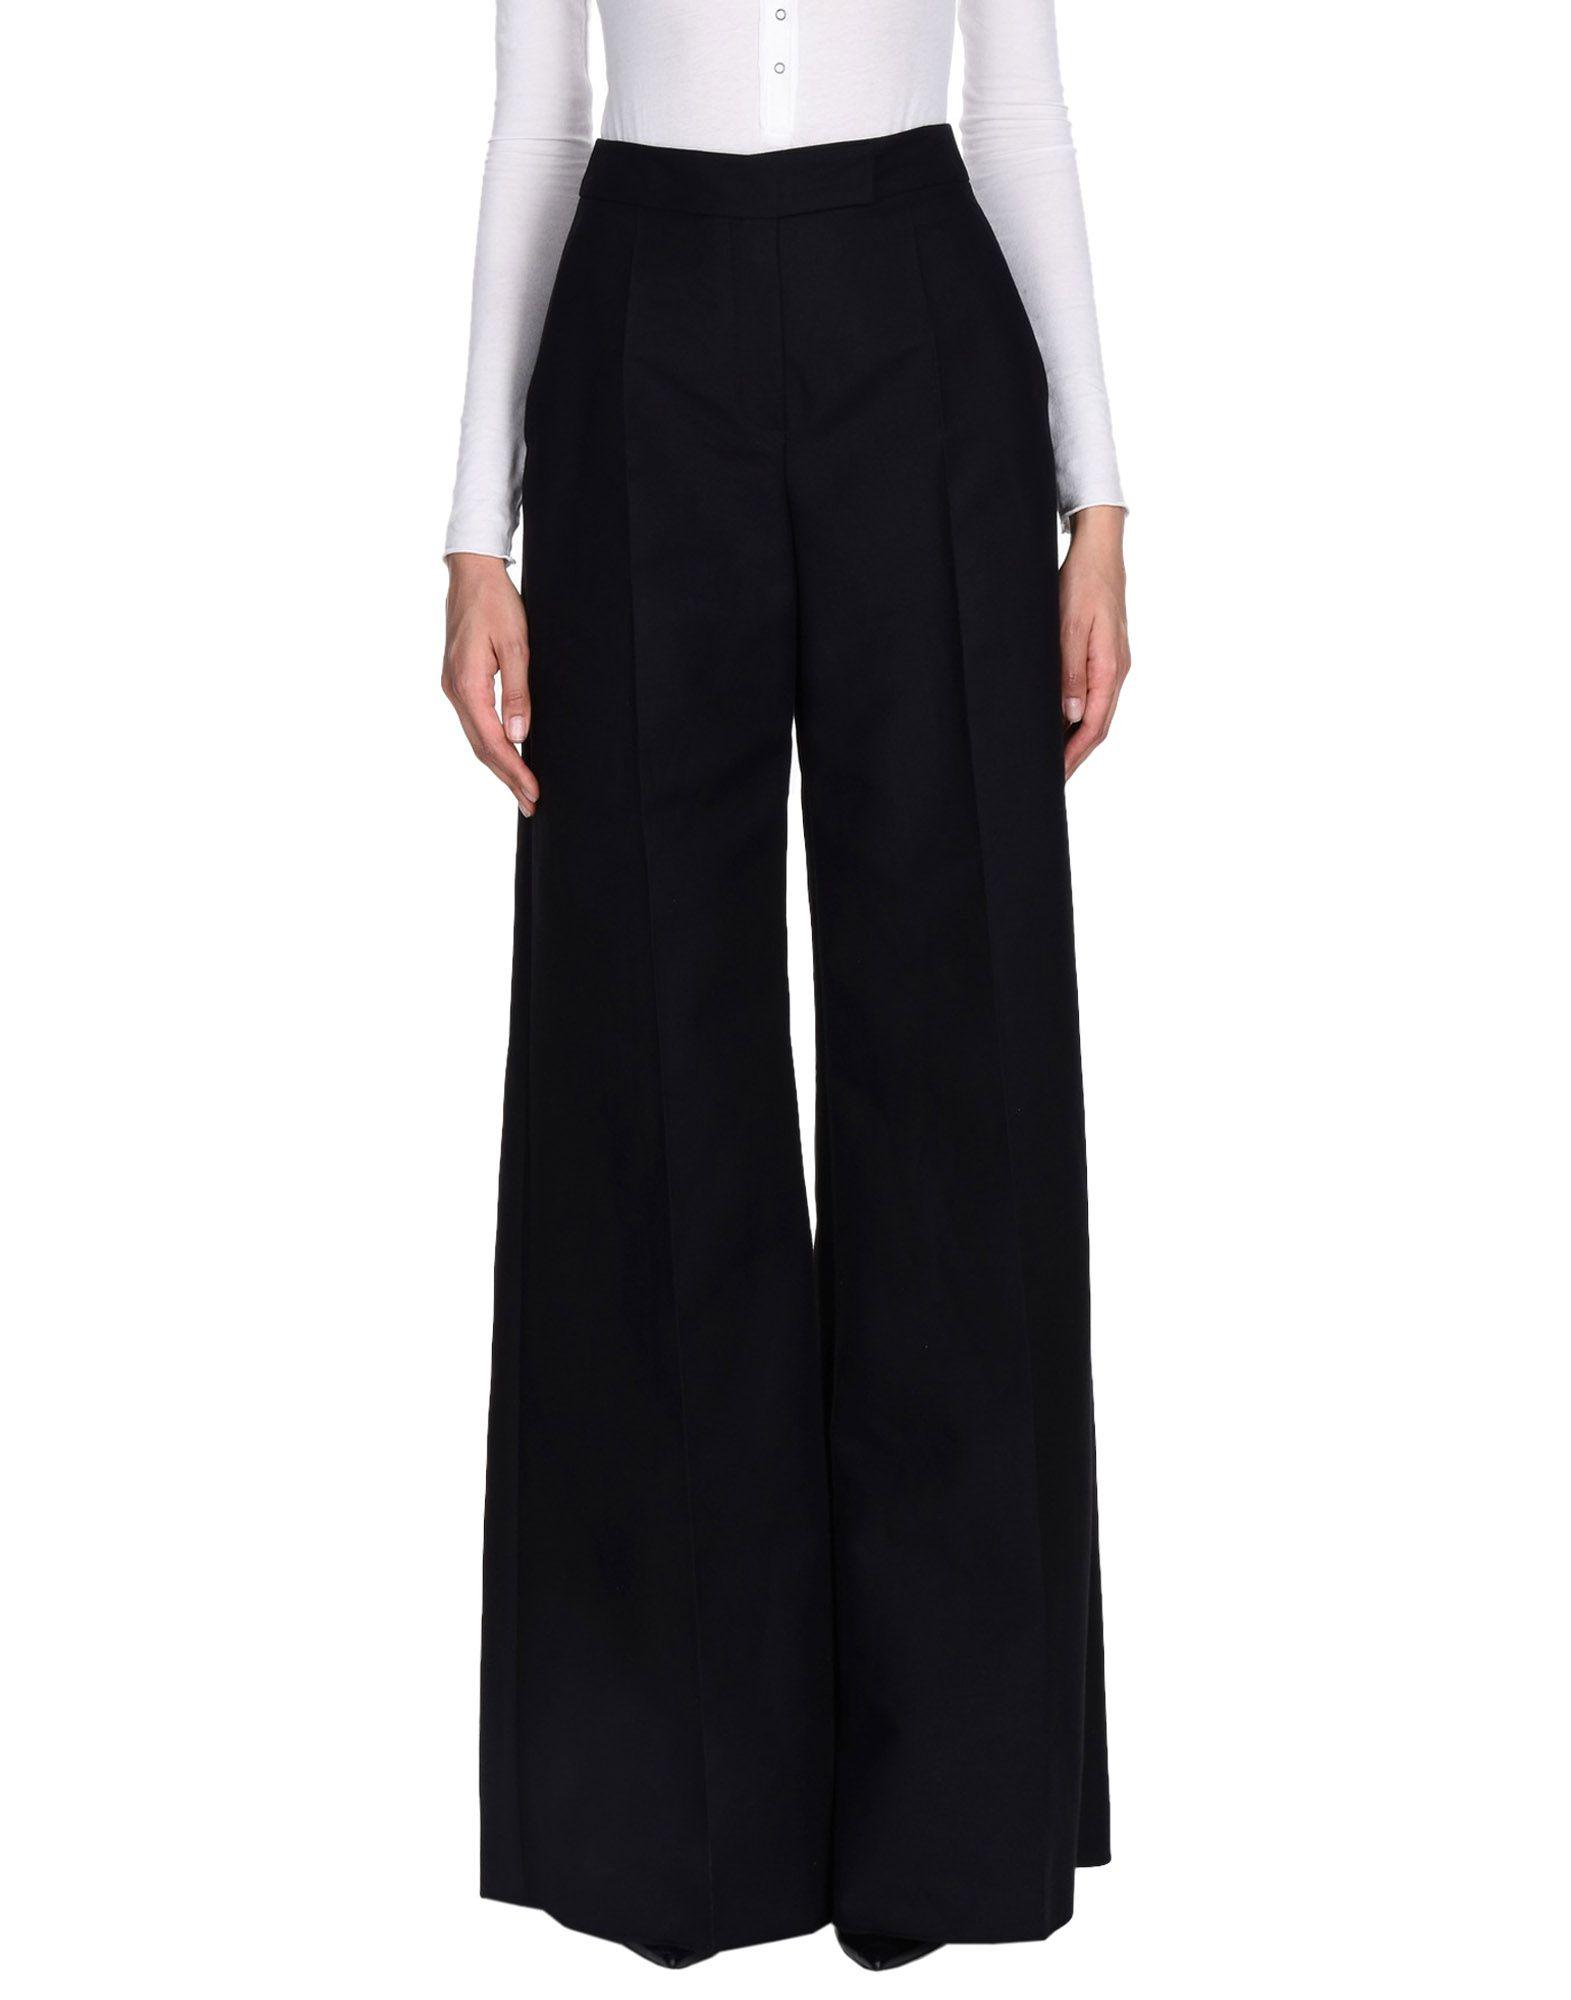 Pantalone Antonio Berardi Donna - Acquista online su GpXXYD3v